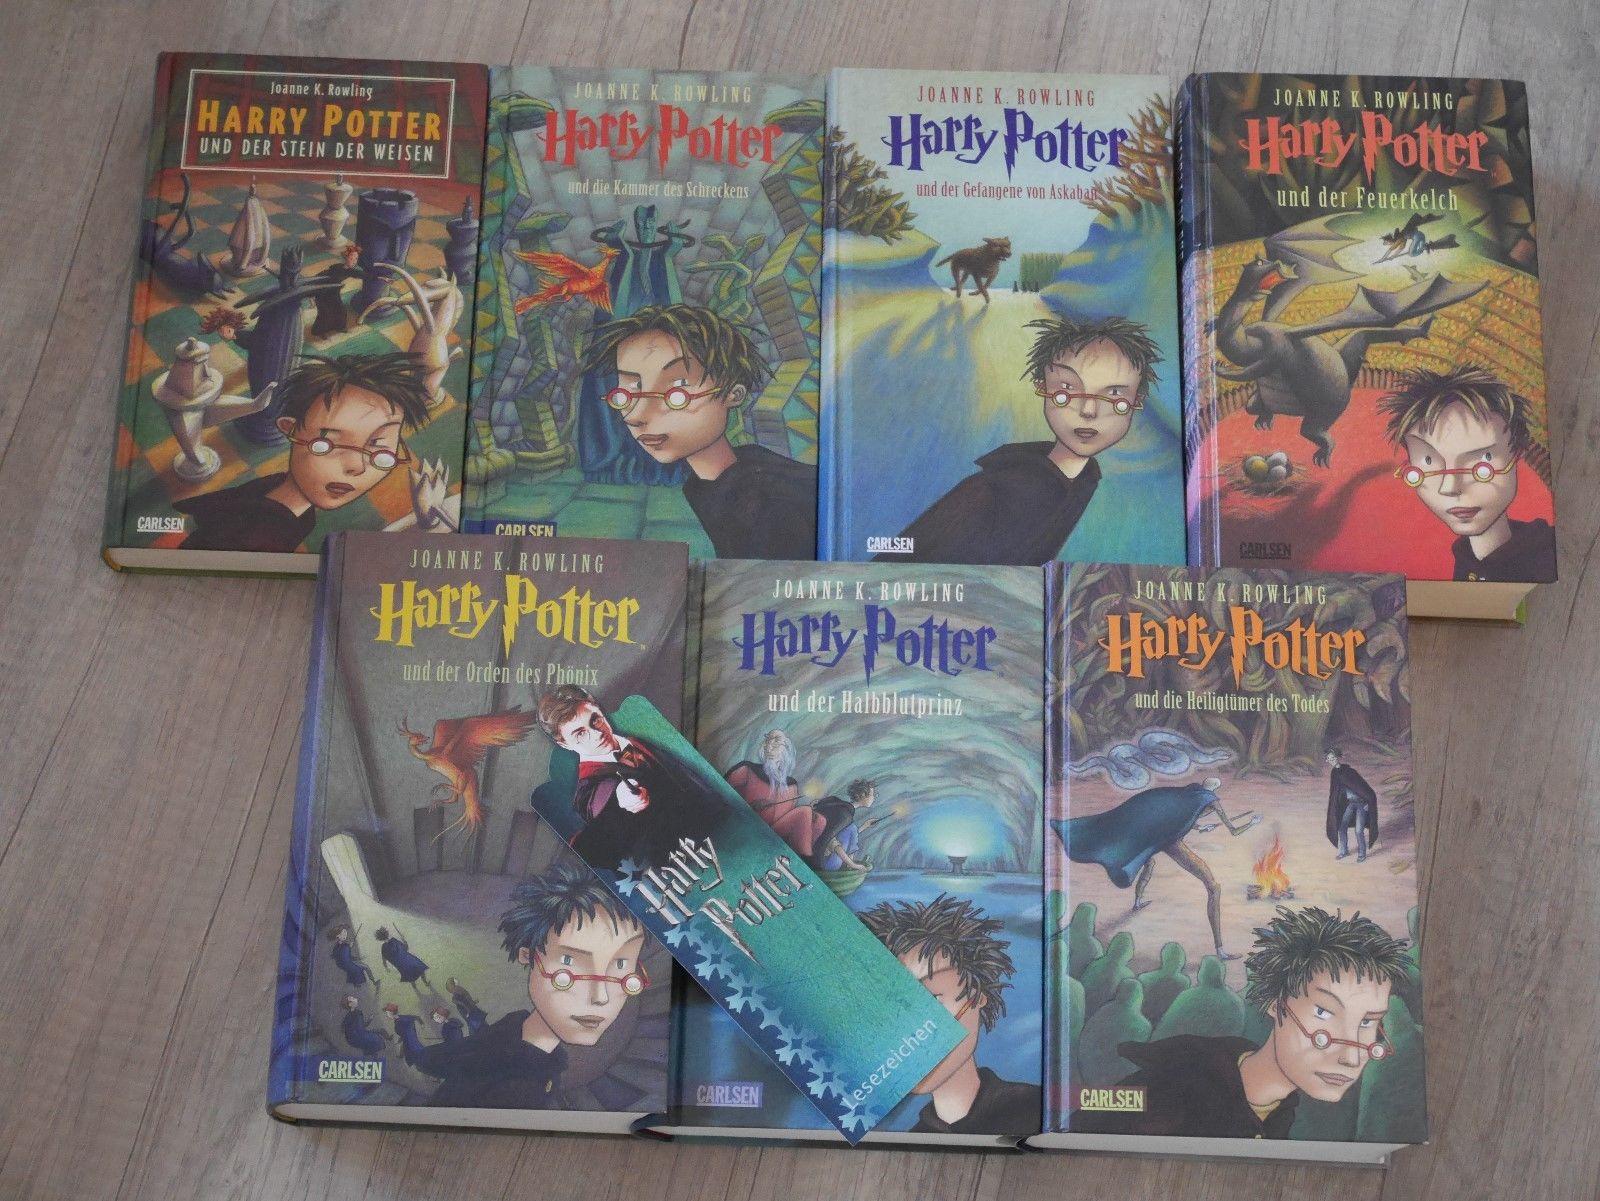 Harry Potter Bücher Komplett 1-7 gebunden +Lesezeichen